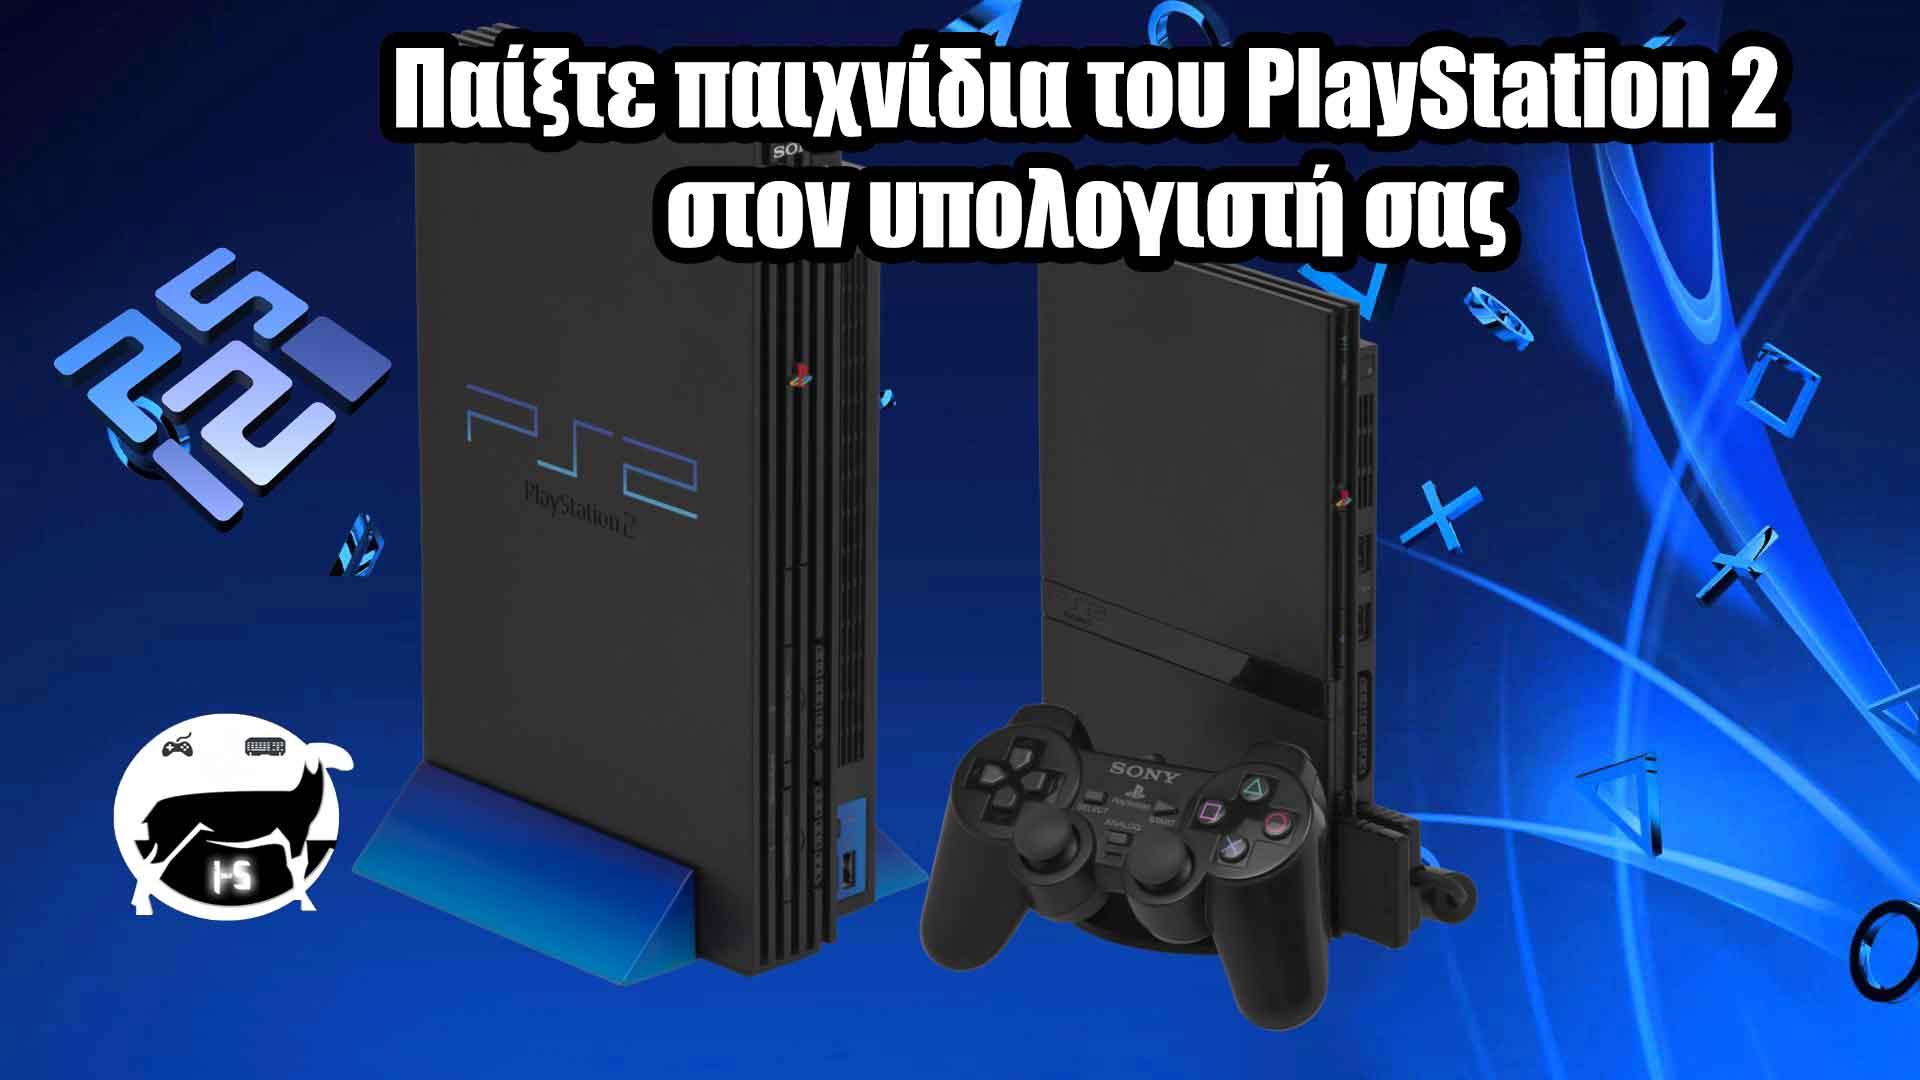 Παίξτε παιχνίδια του PlayStation 2 στον υπολογιστή σας